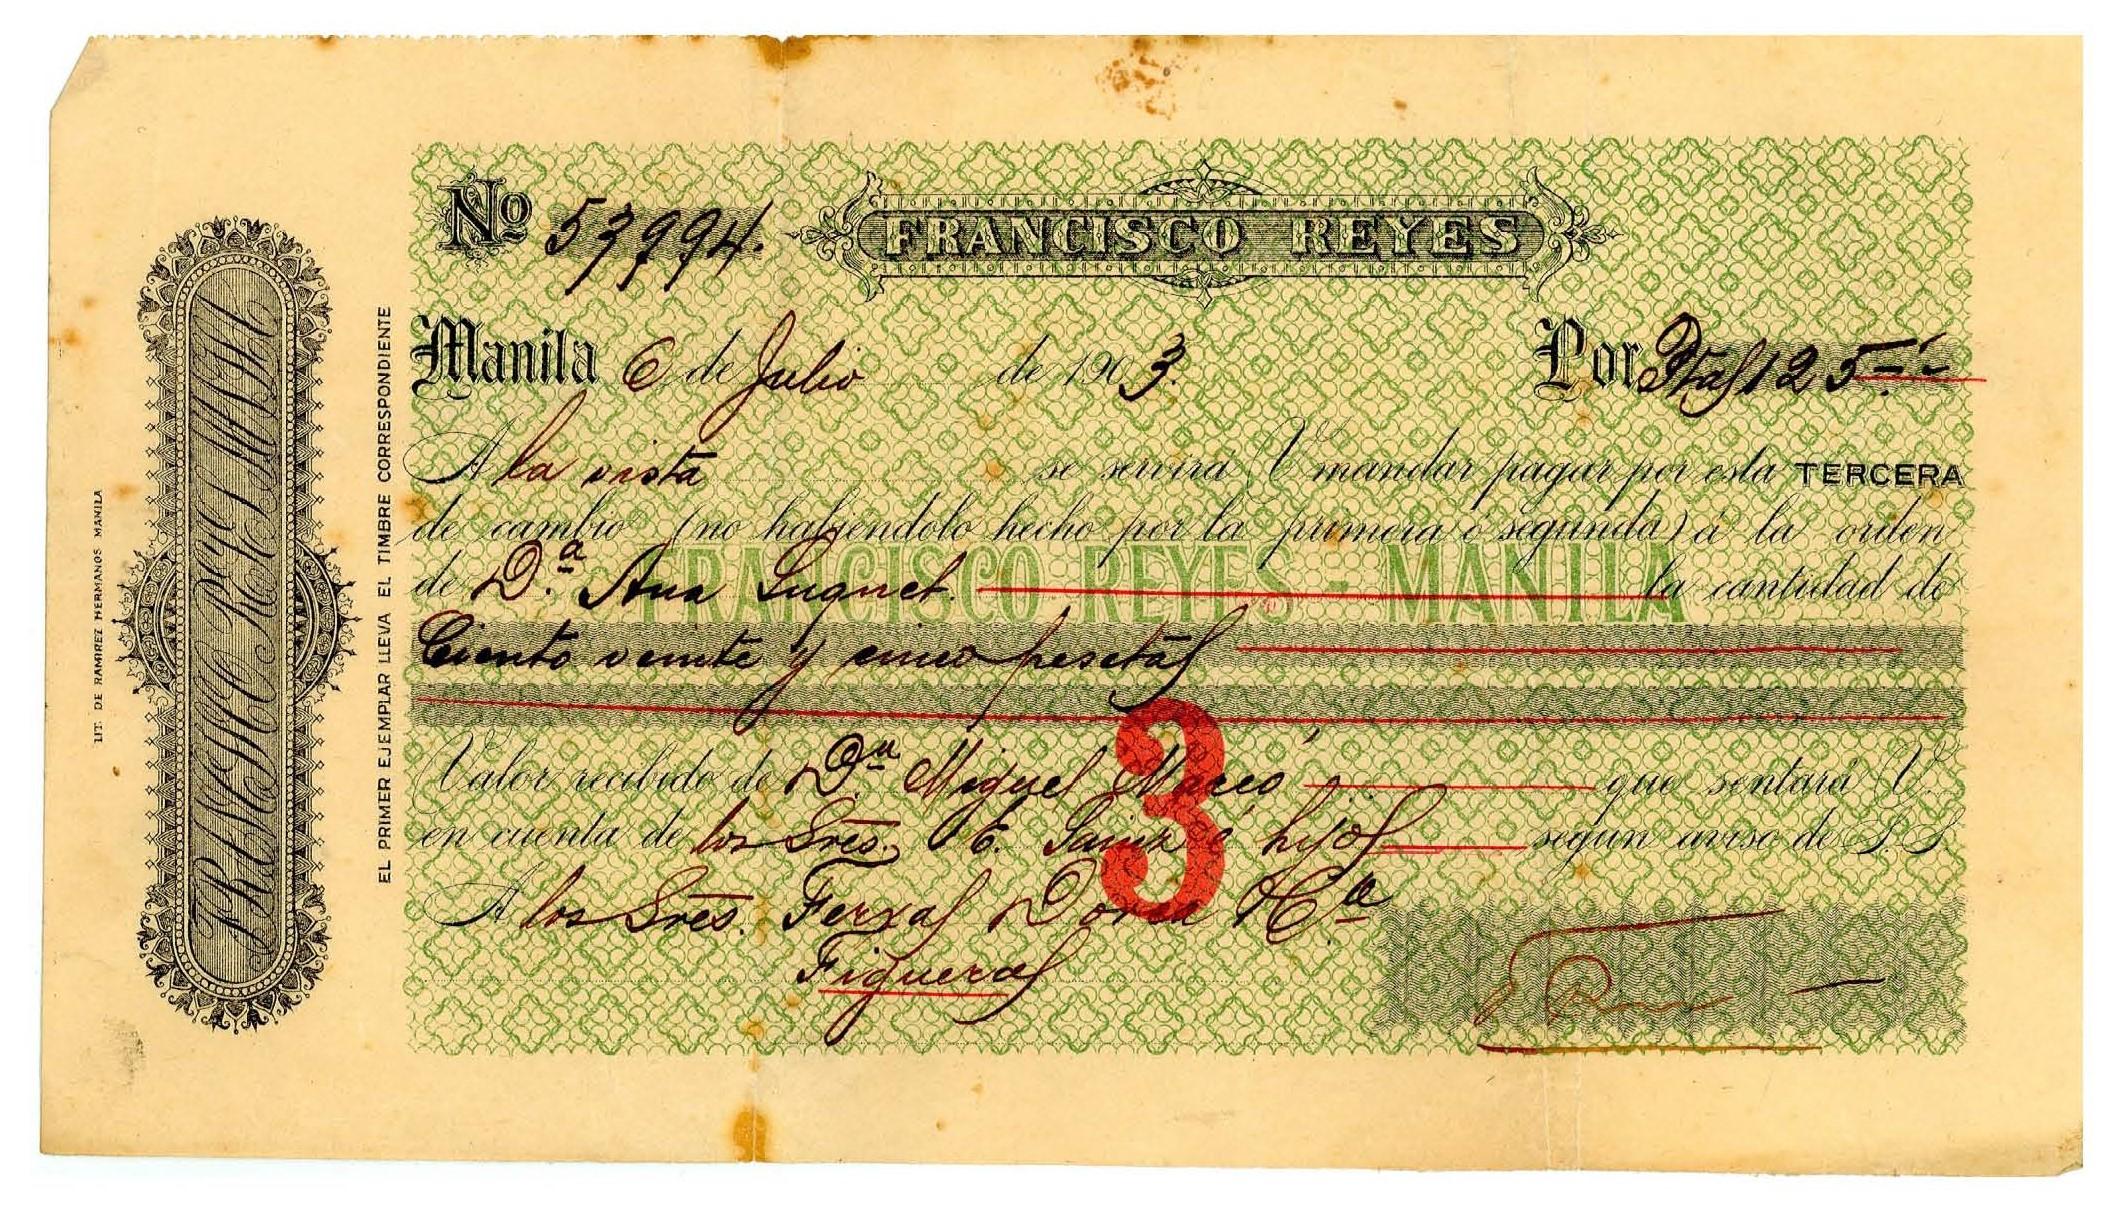 Un testimoni de l'emigració rosinca és el Document del Mes de l'Arxiu Municipal